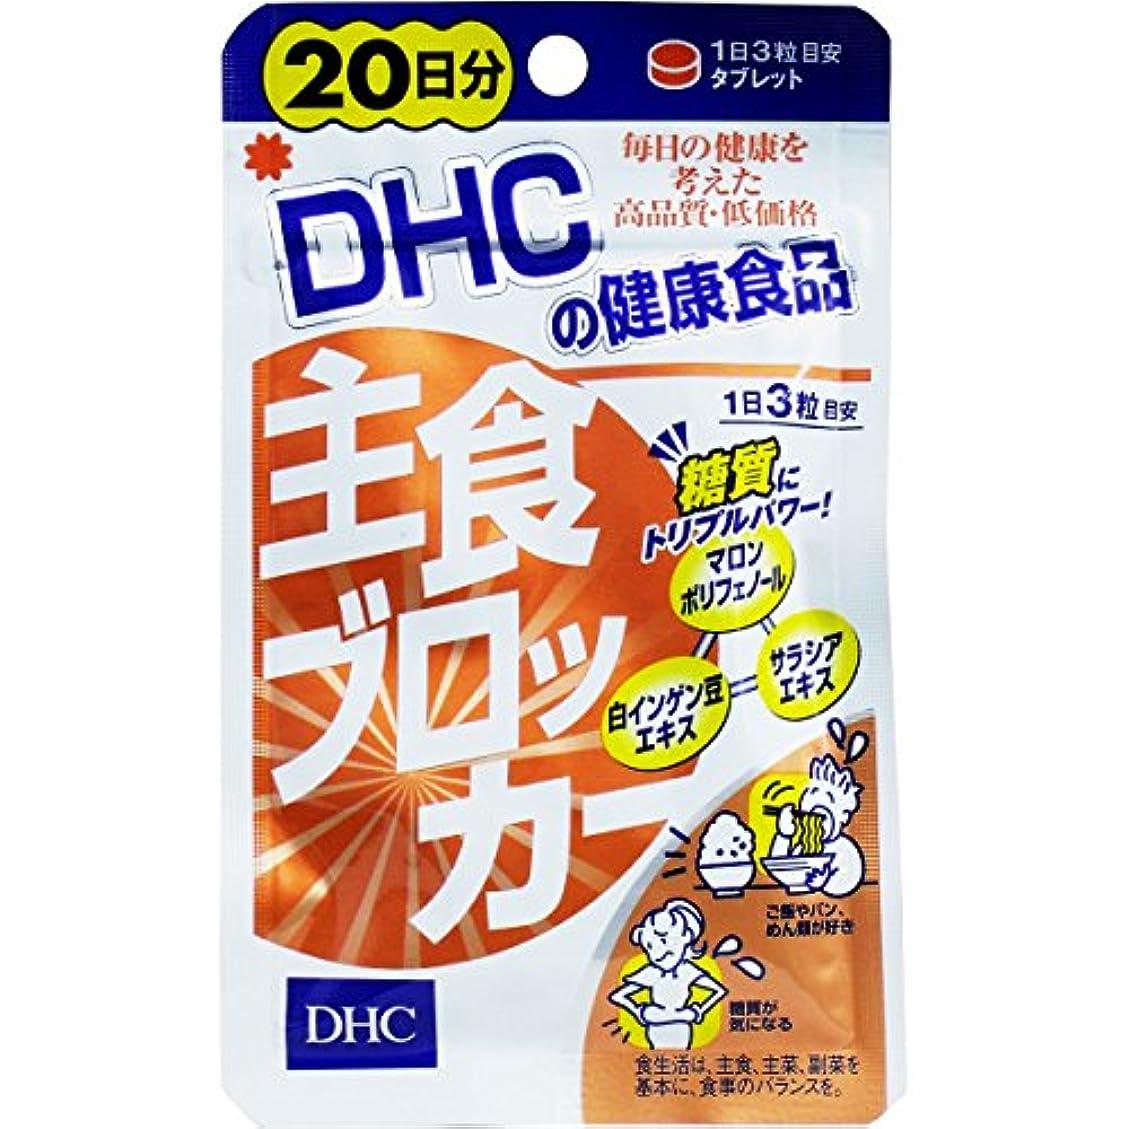 ポルノスペード展開するDHC 主食ブロッカー 20日分 60粒(12g) ×5個セット